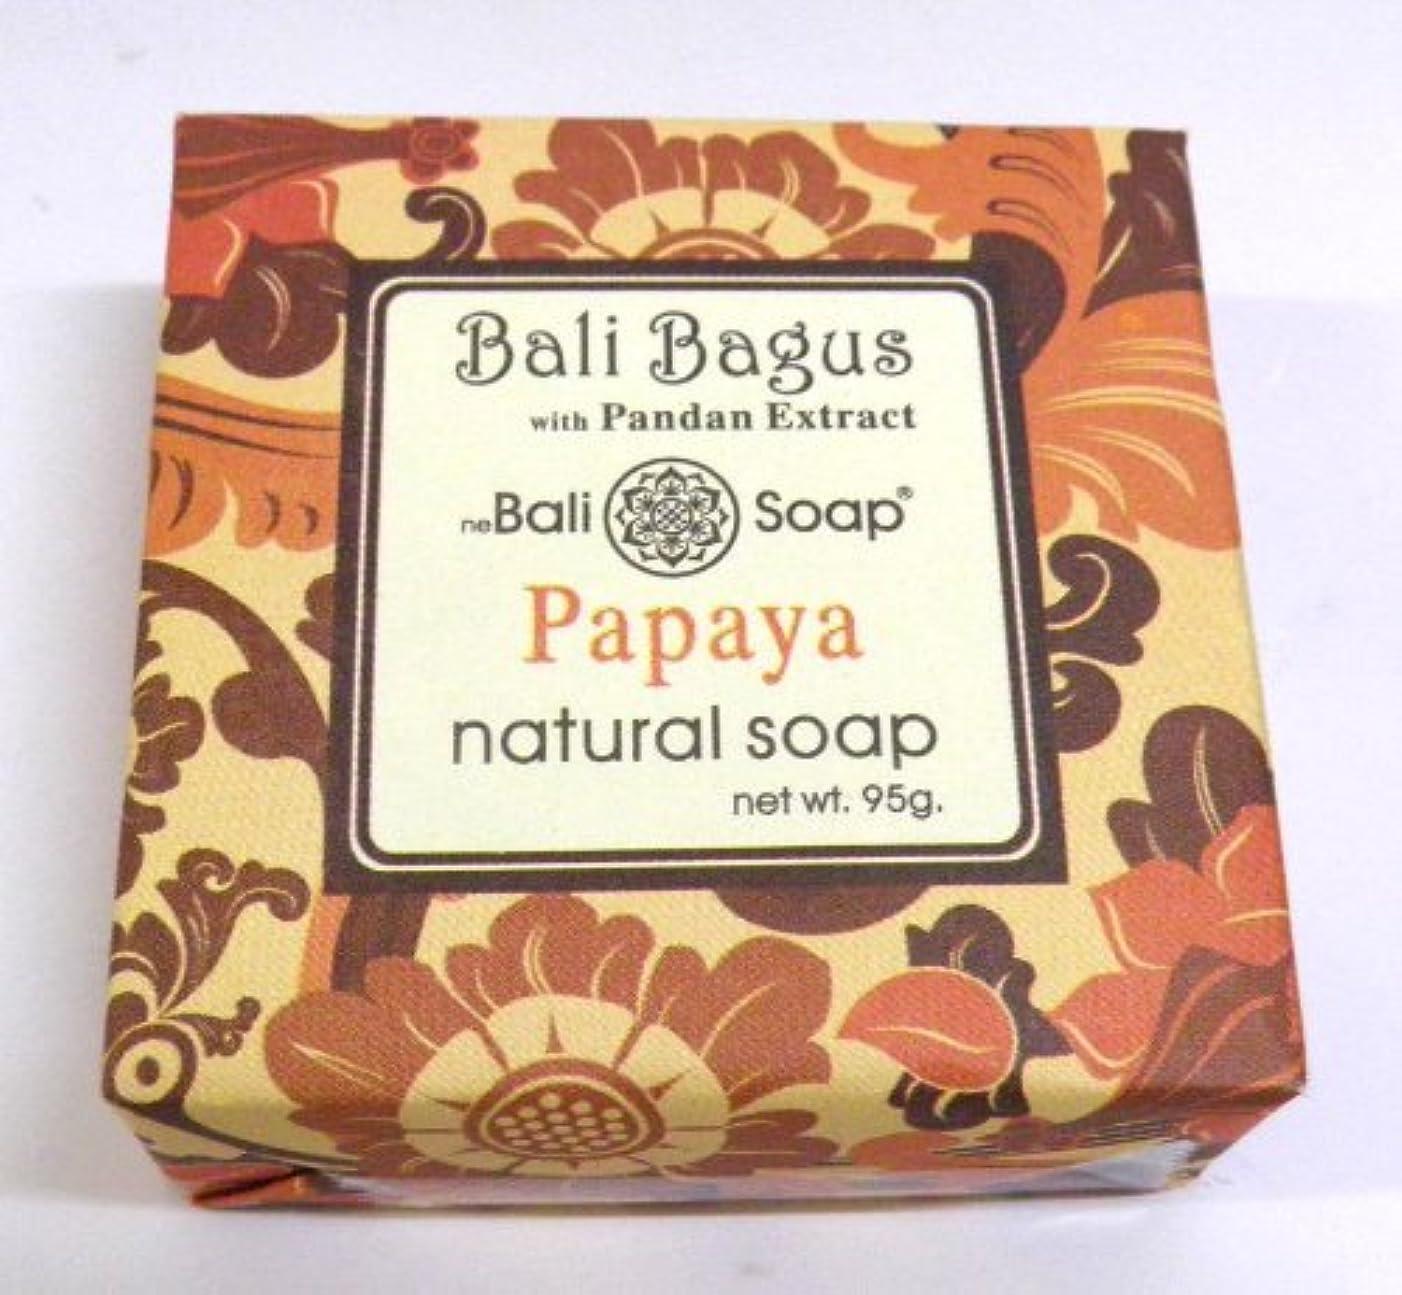 筋識字比べるBali Bagus バリナチュラルソープ (Papaya パパイヤ)